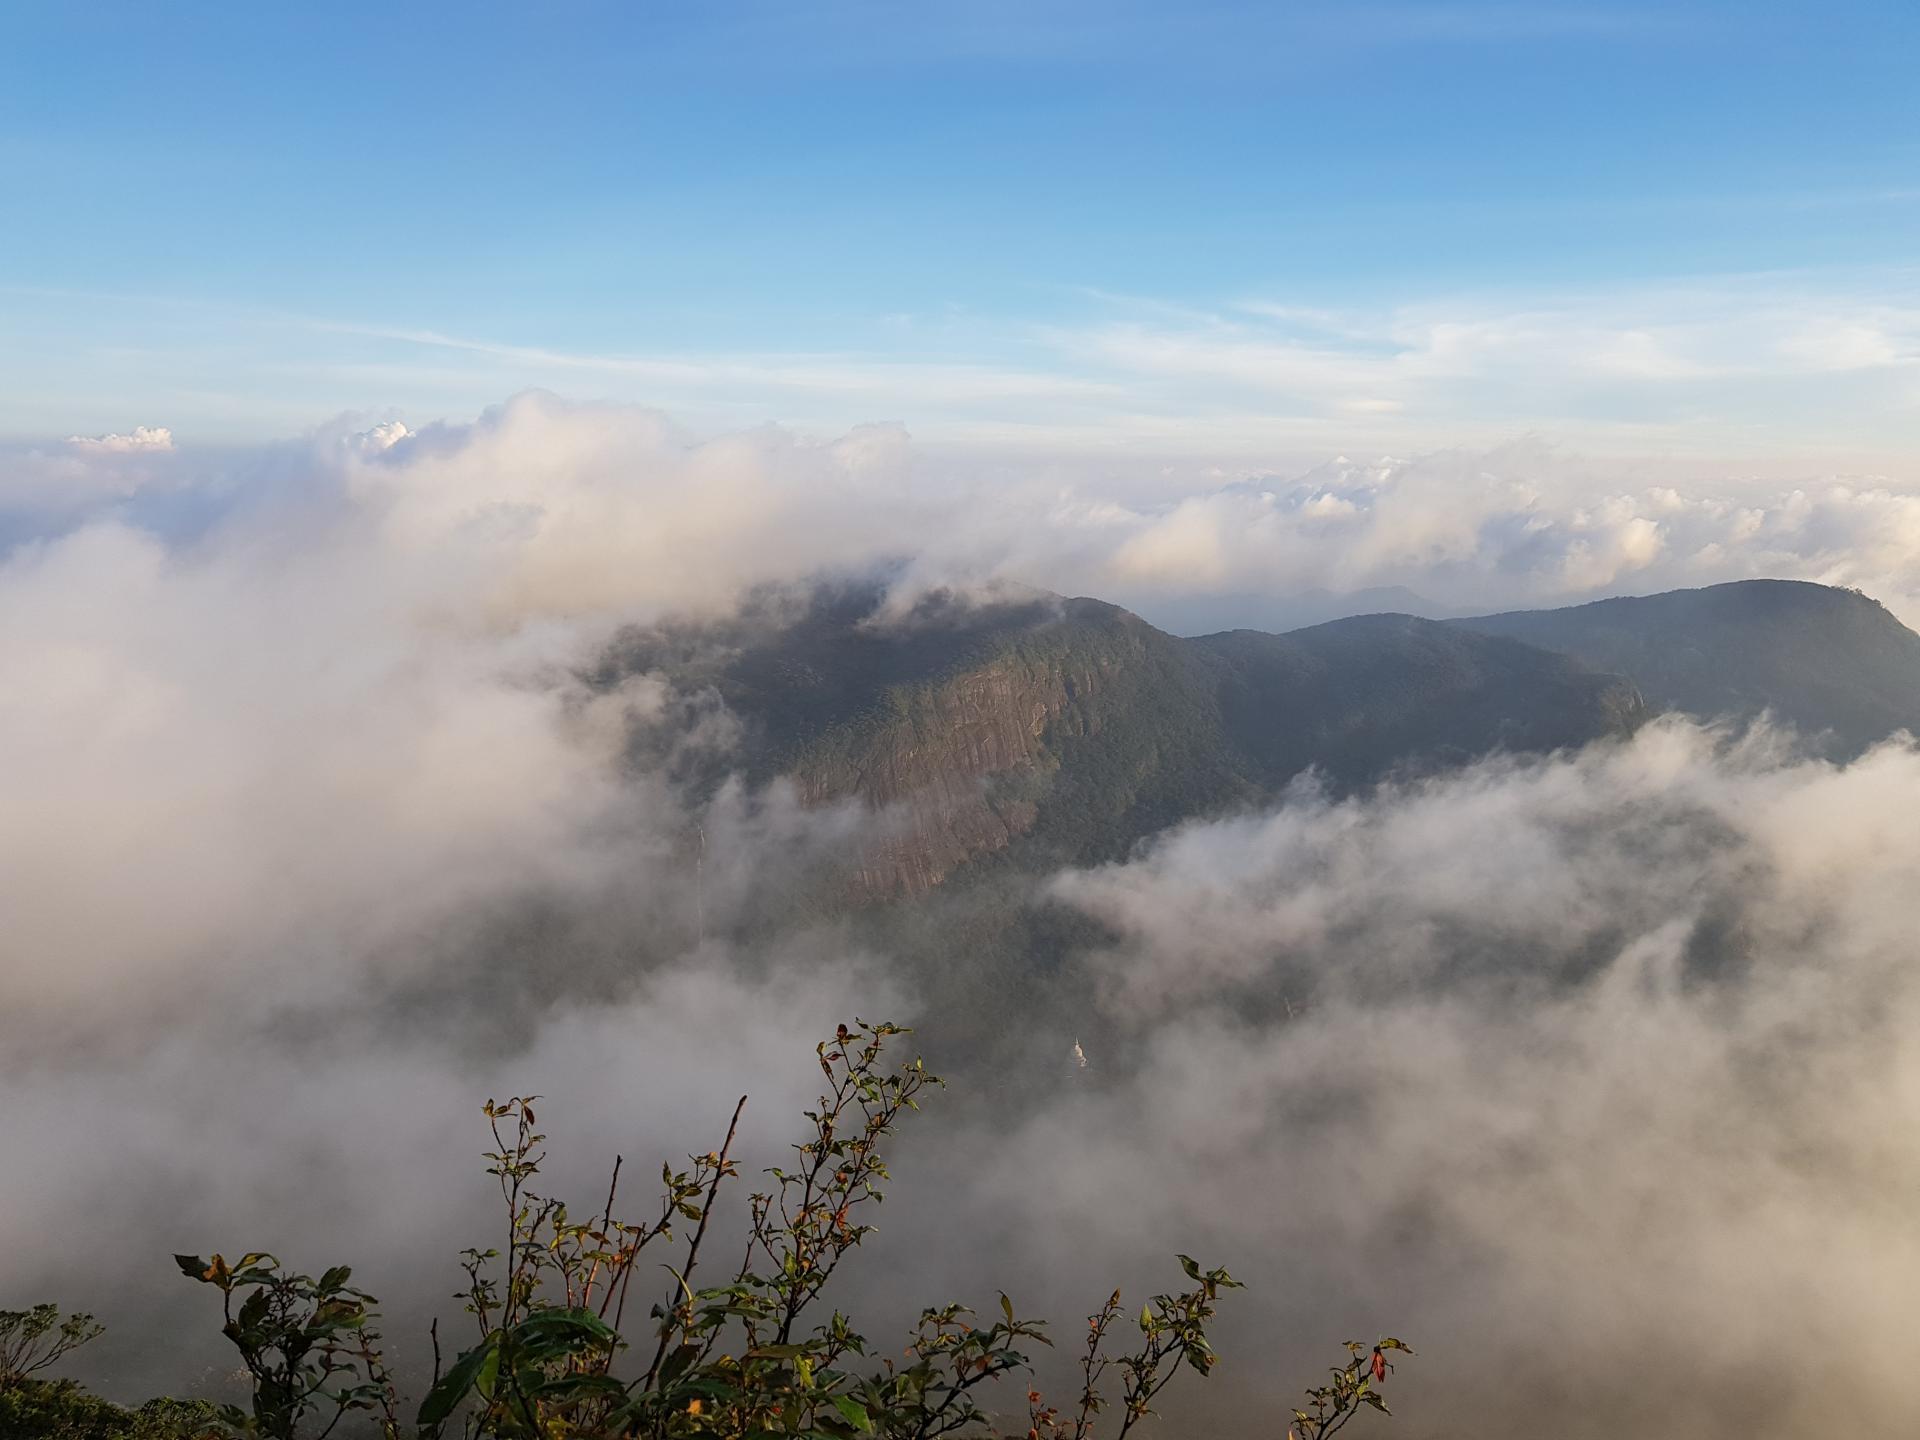 виды на соседние горы с пика Адама, Шри-Ланка.